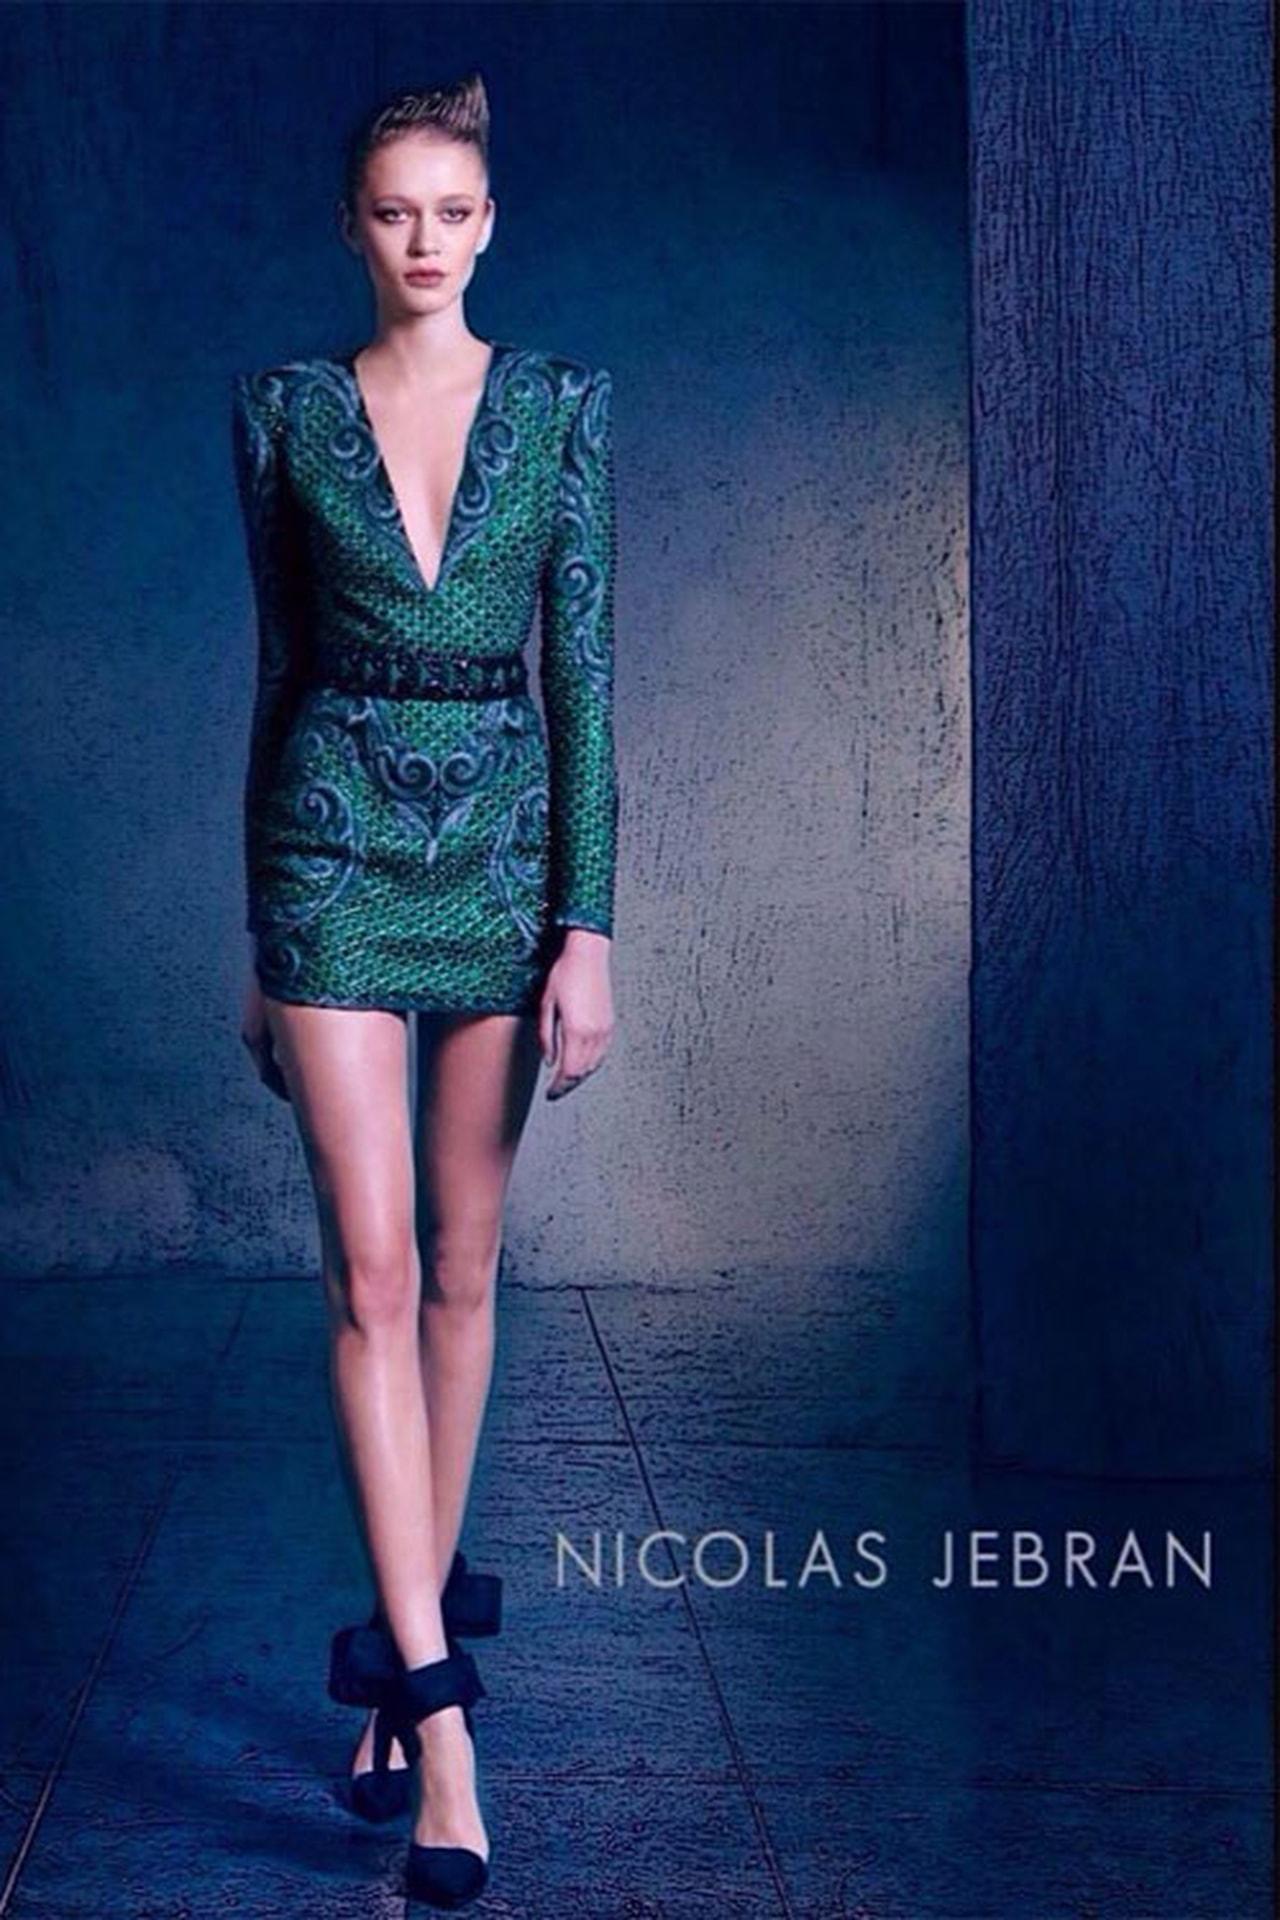 بالصور صور احدث ازياء فساتين نيكولا جبران الجديدة ، اختاريلك فستان من التشكيلة الجنان دى 259141 4